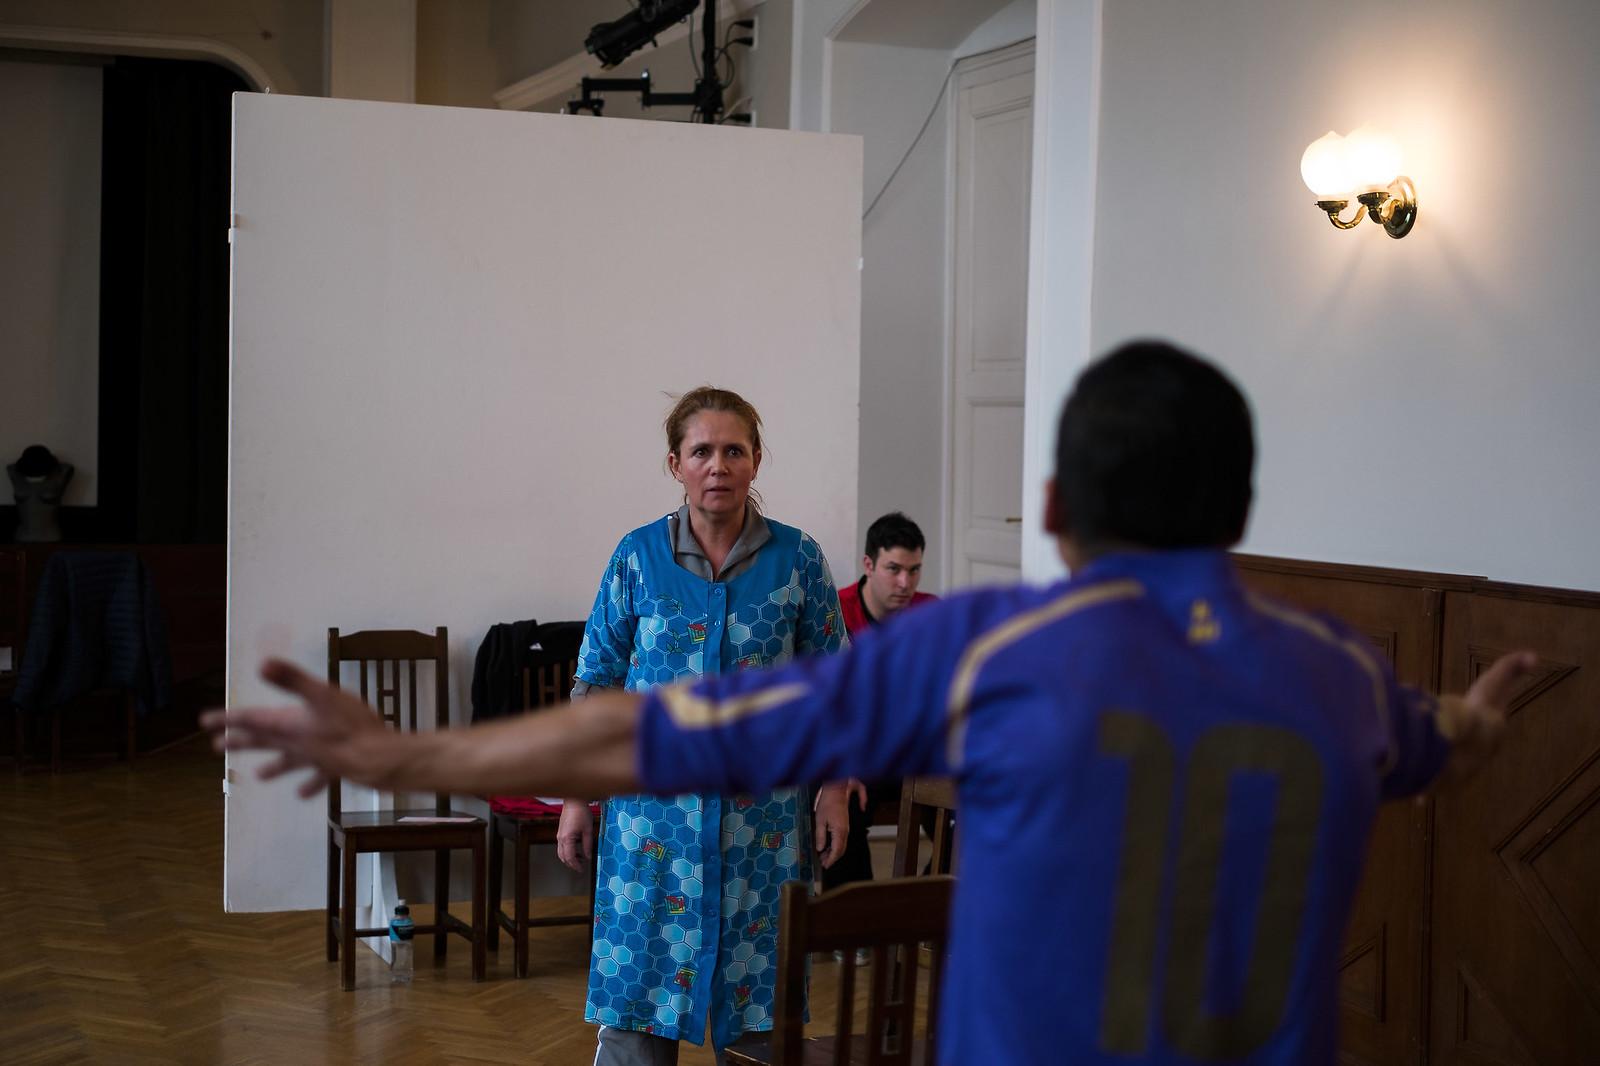 Carlo nevelőjével, a nénjével konfrontálódik | Fotó: Magócsi Márton